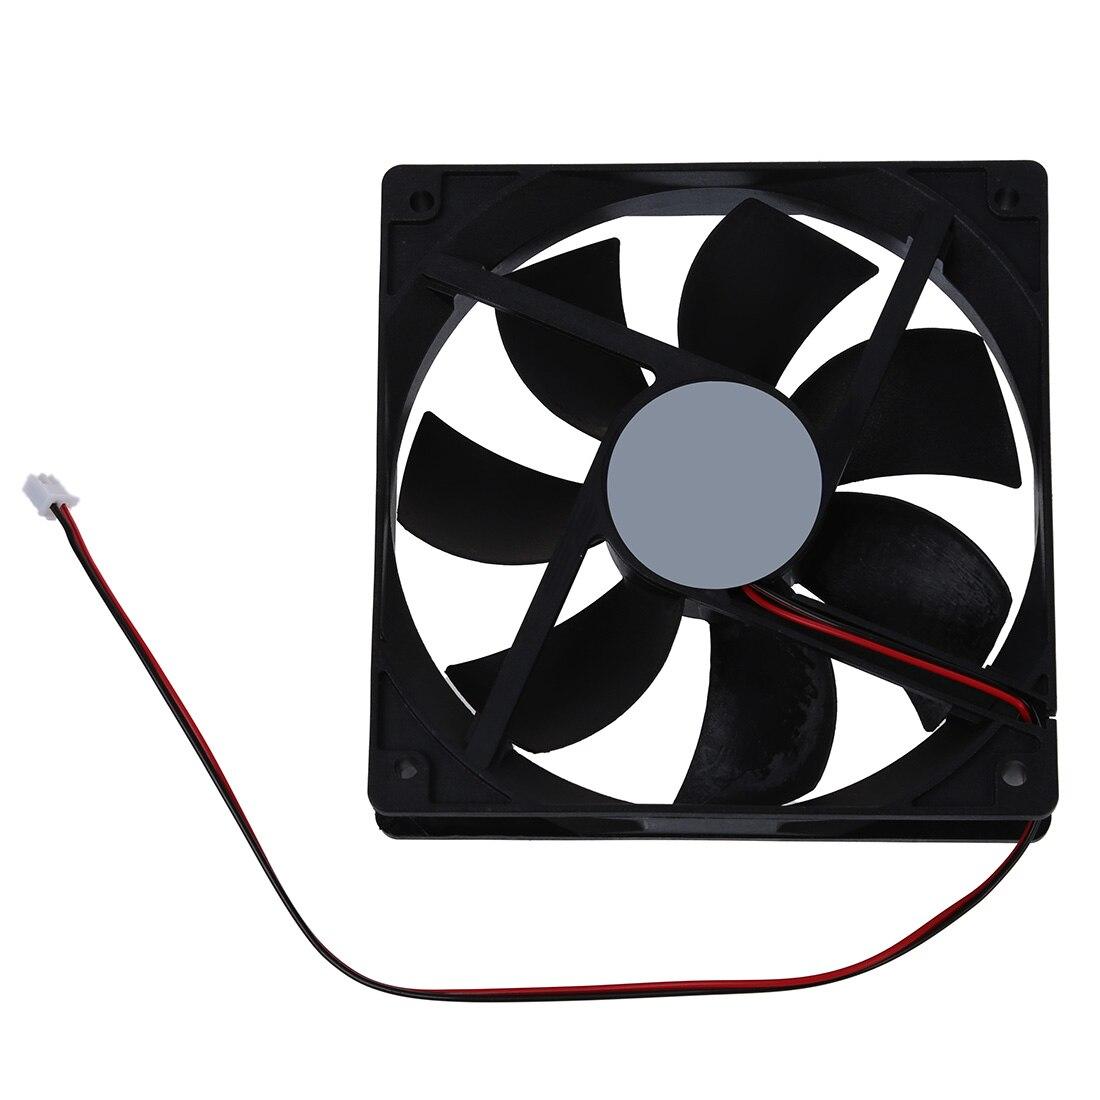 Poux 120mm x 25mm 12 V 2Pin manchon ventilateur de refroidissement pour coque dordinateurPoux 120mm x 25mm 12 V 2Pin manchon ventilateur de refroidissement pour coque dordinateur